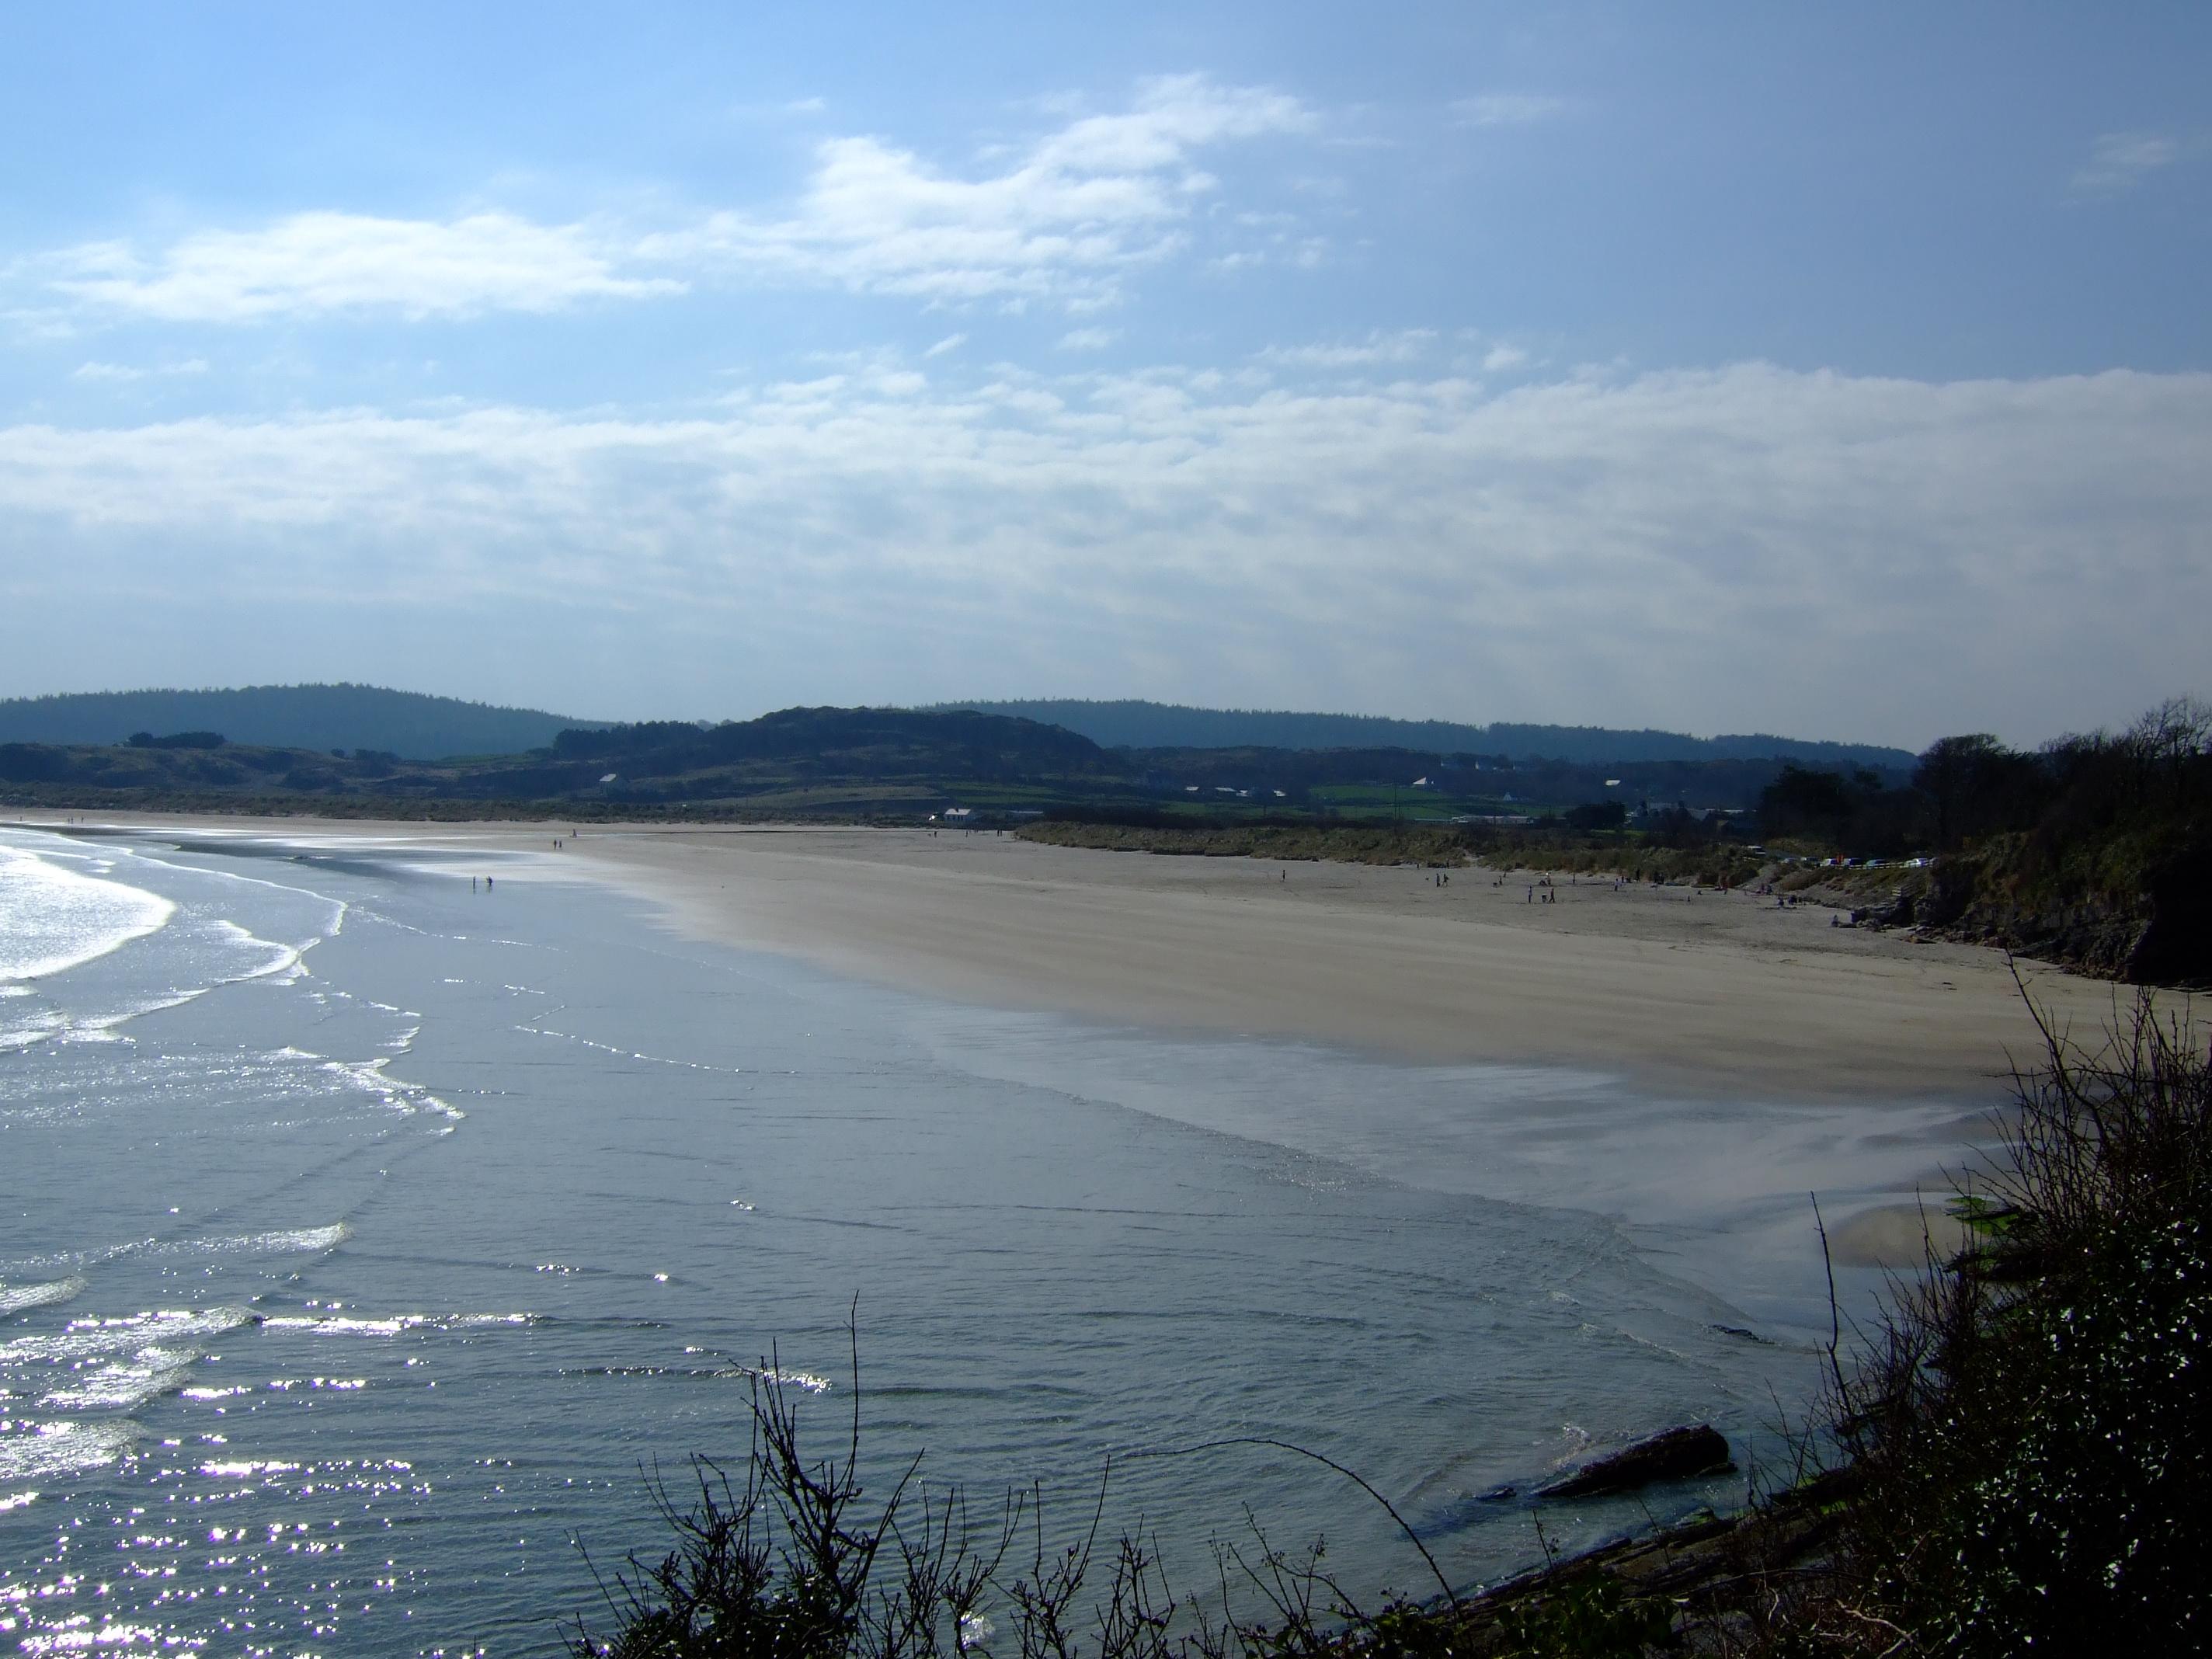 Marblehill beach